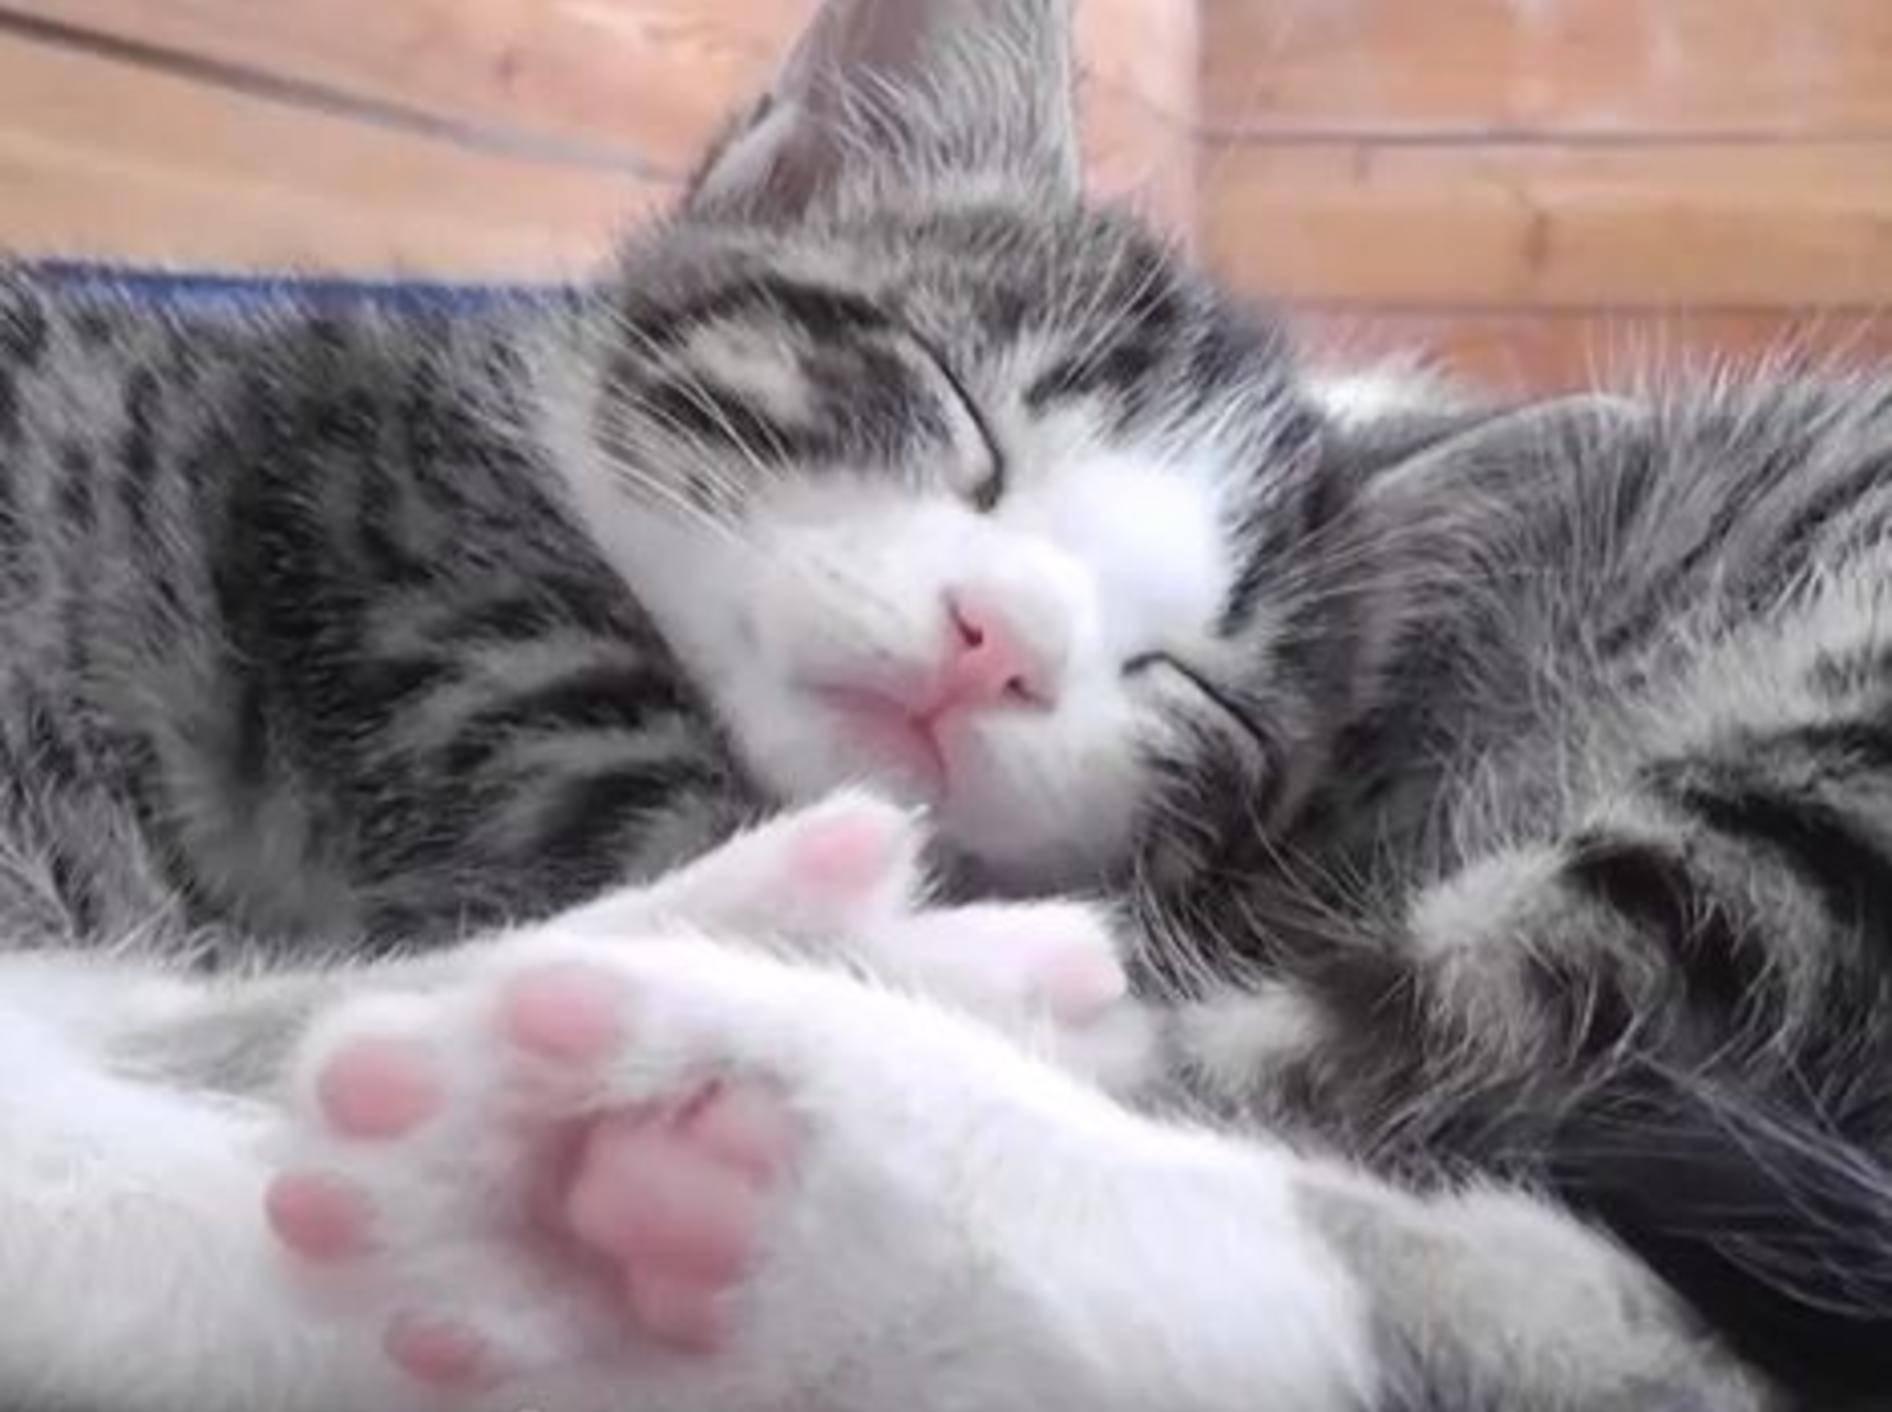 Wunderschöne Katzenbabys genießen die Sonne – Bild: Youtube / DrNworb